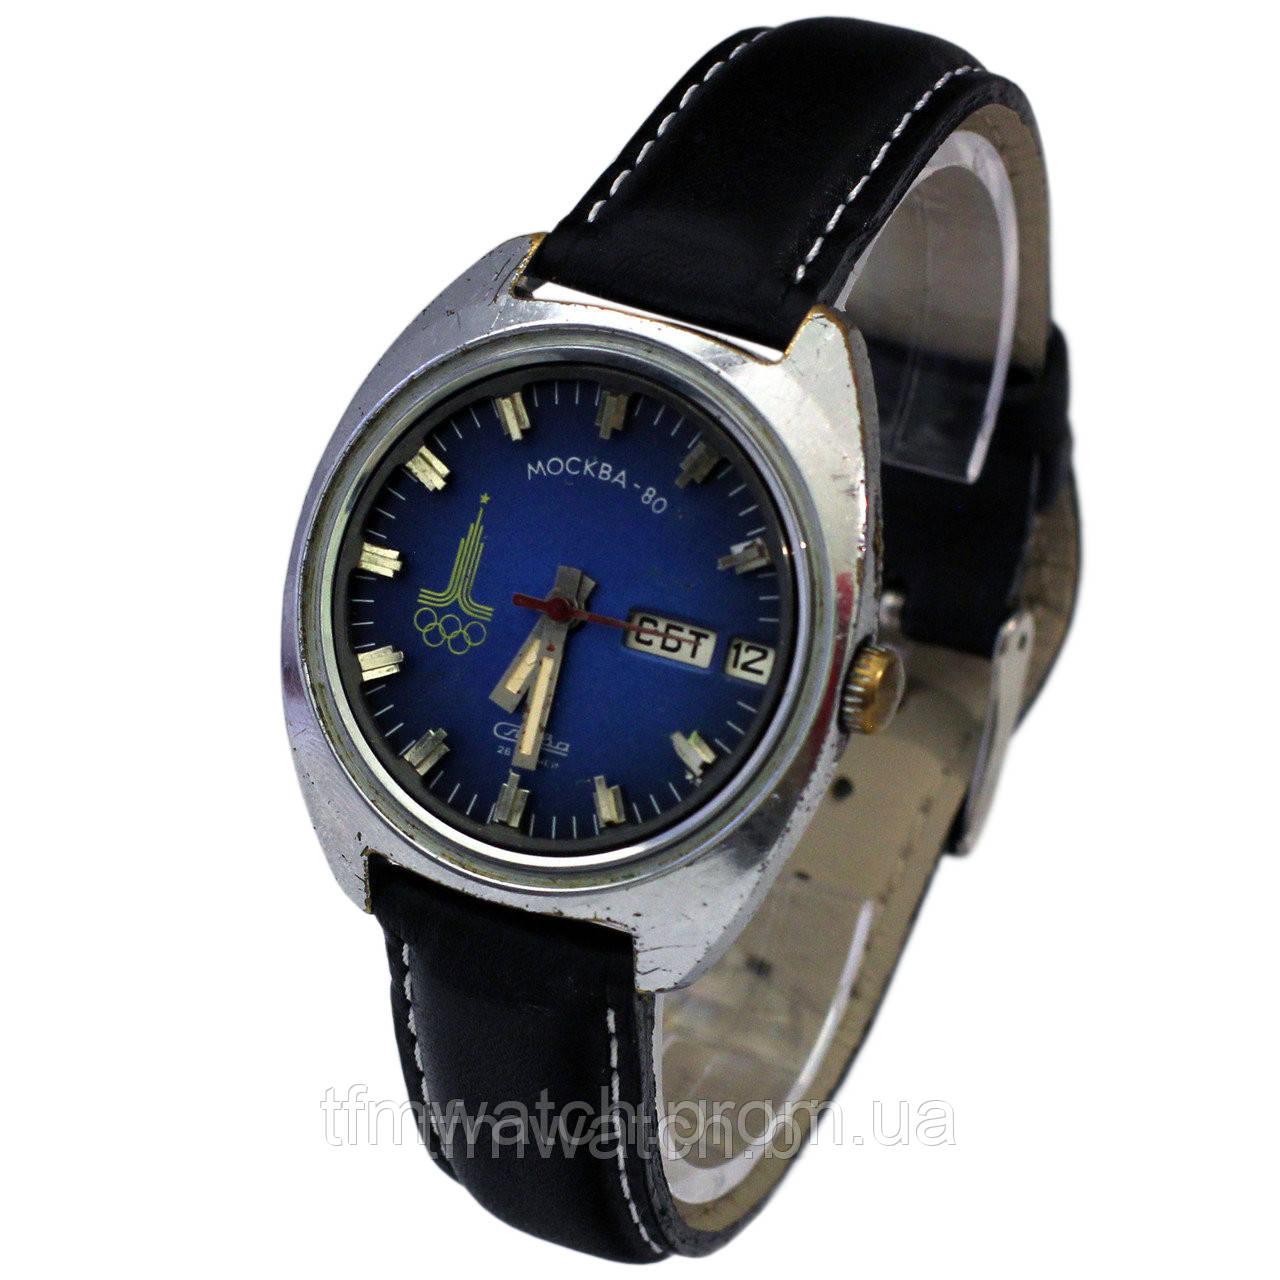 Часы Слава Москва 80 - Магазин старинных, винтажных и антикварных часов  TFMwatch в России 8bc9312f29a